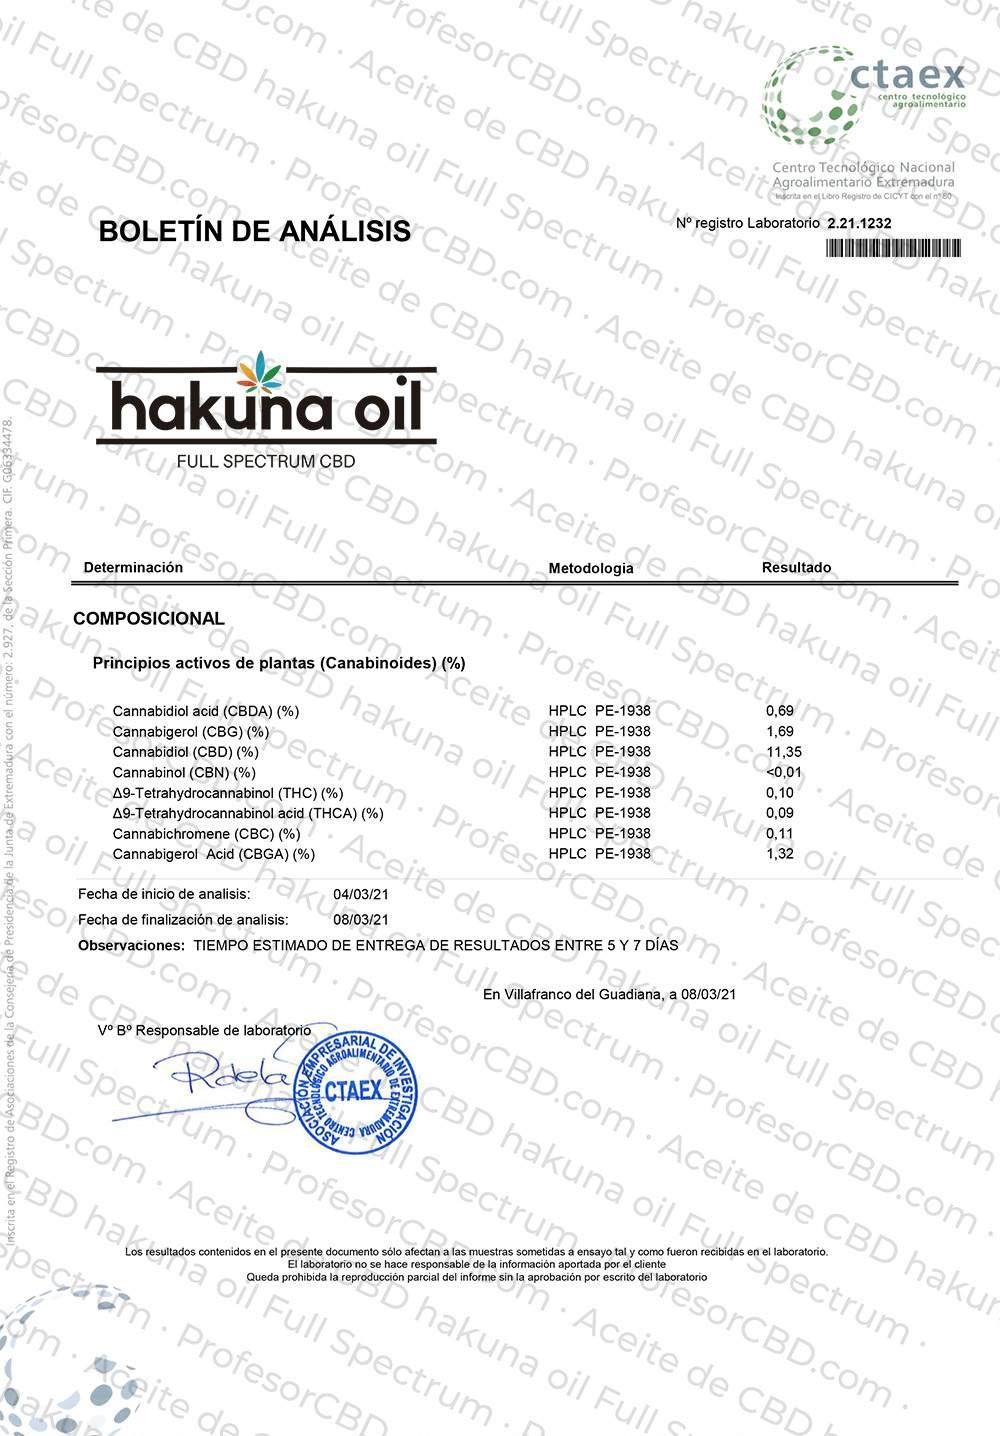 hakuna oil 10% aceite cbd analítica cannabinoides profesorcbd